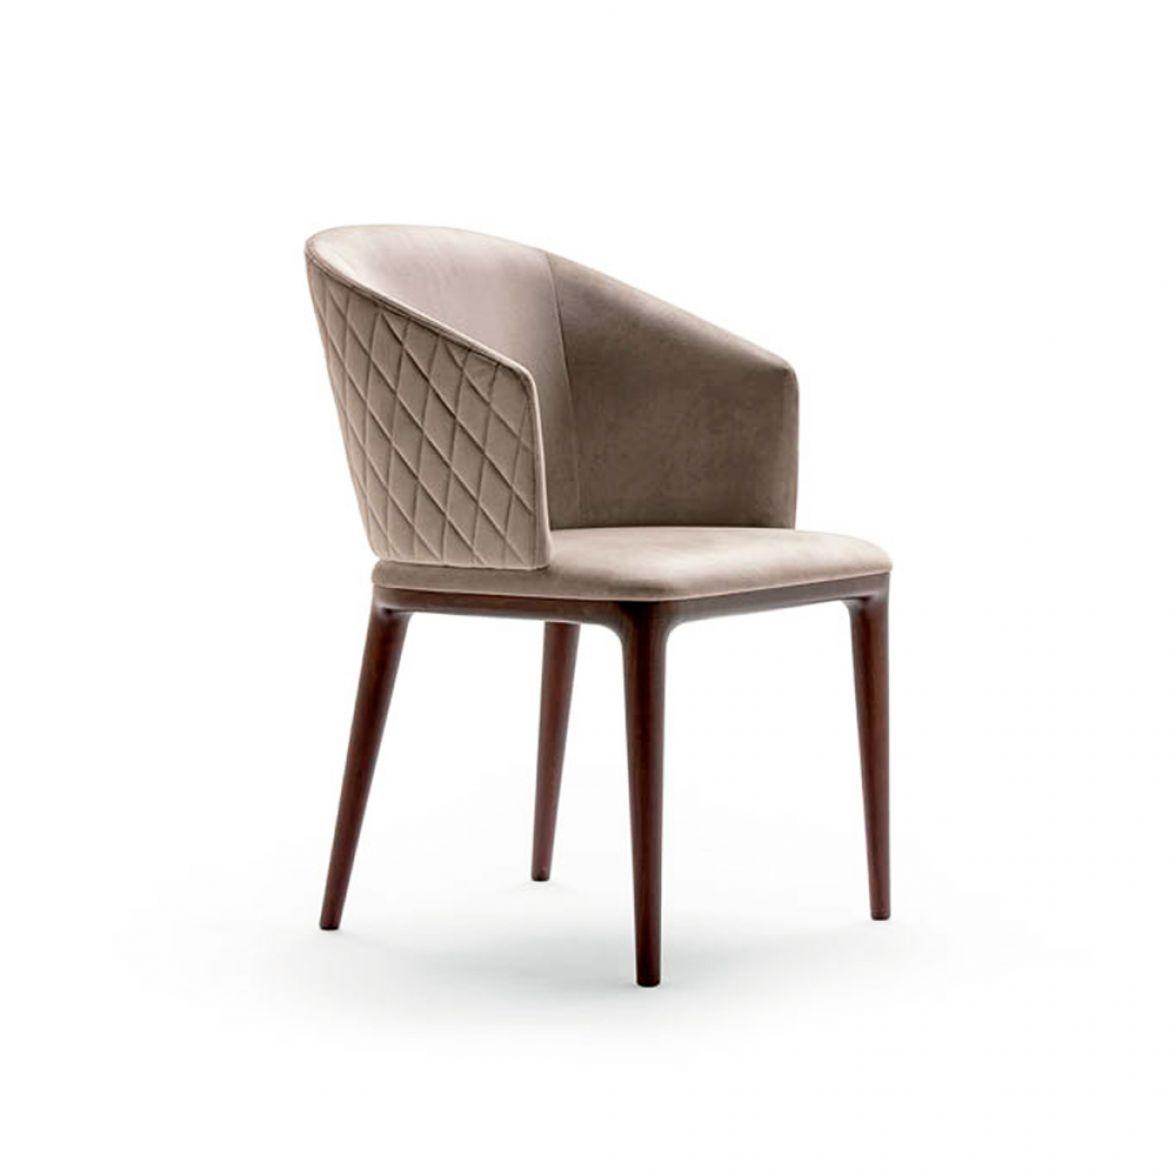 LOUISE armchair